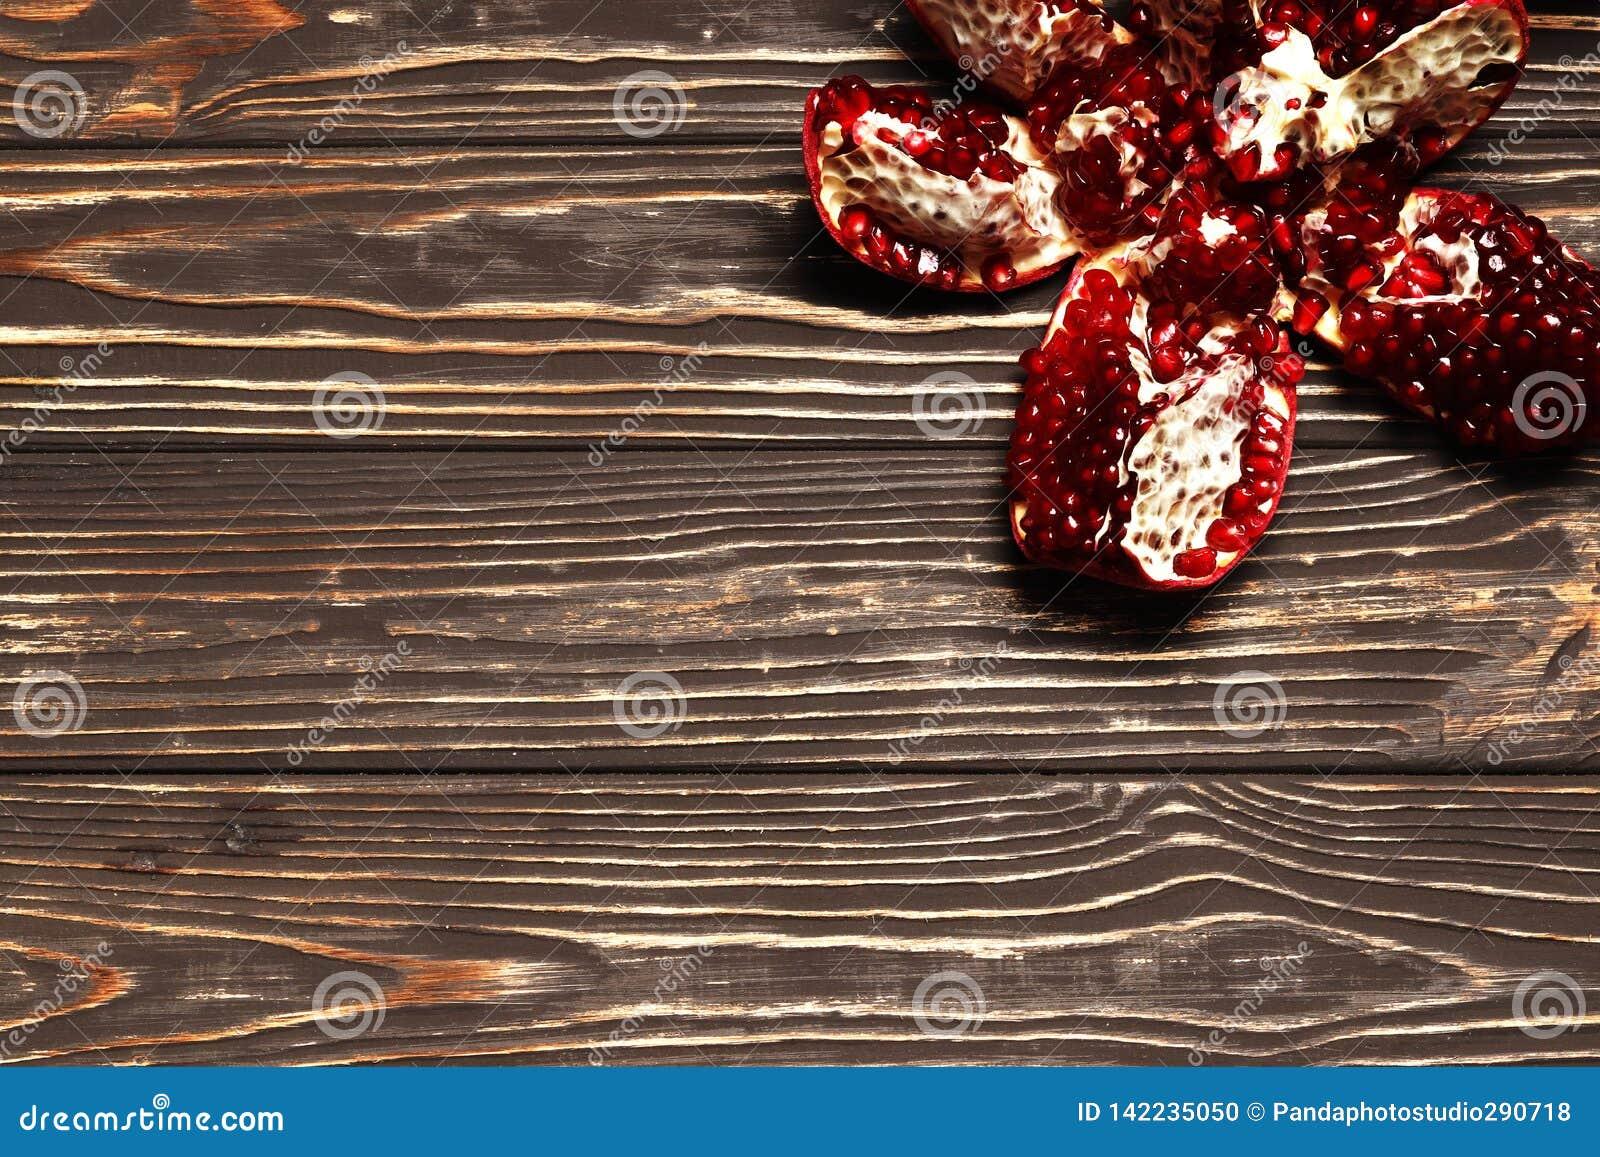 Granatapfel auf hölzernem Hintergrund